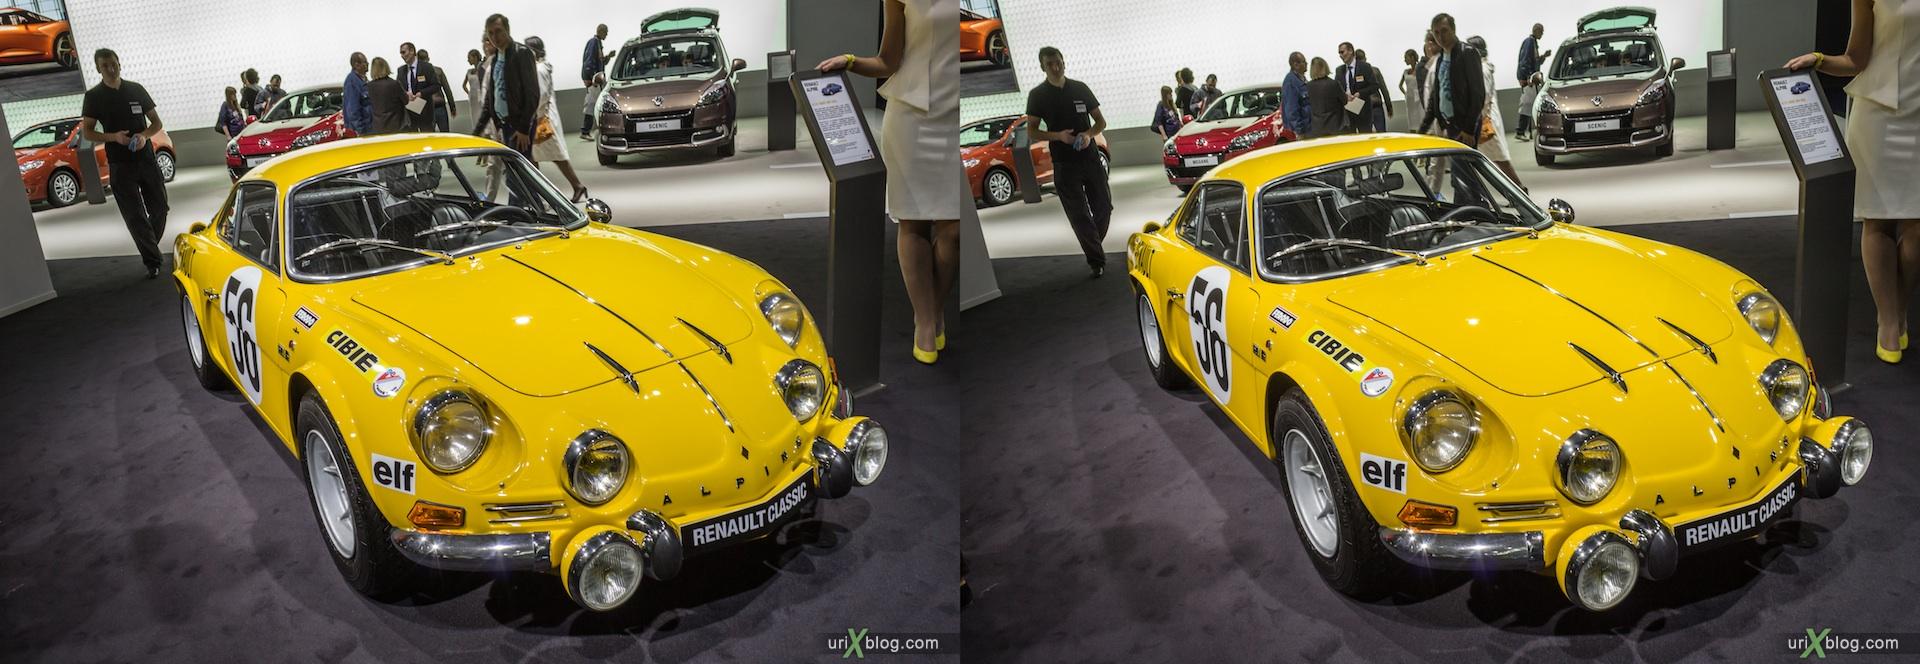 2012, Alpine Renault, Московский международный автомобильный салон, ММАС, Крокус Экспо, 3D, стереопара